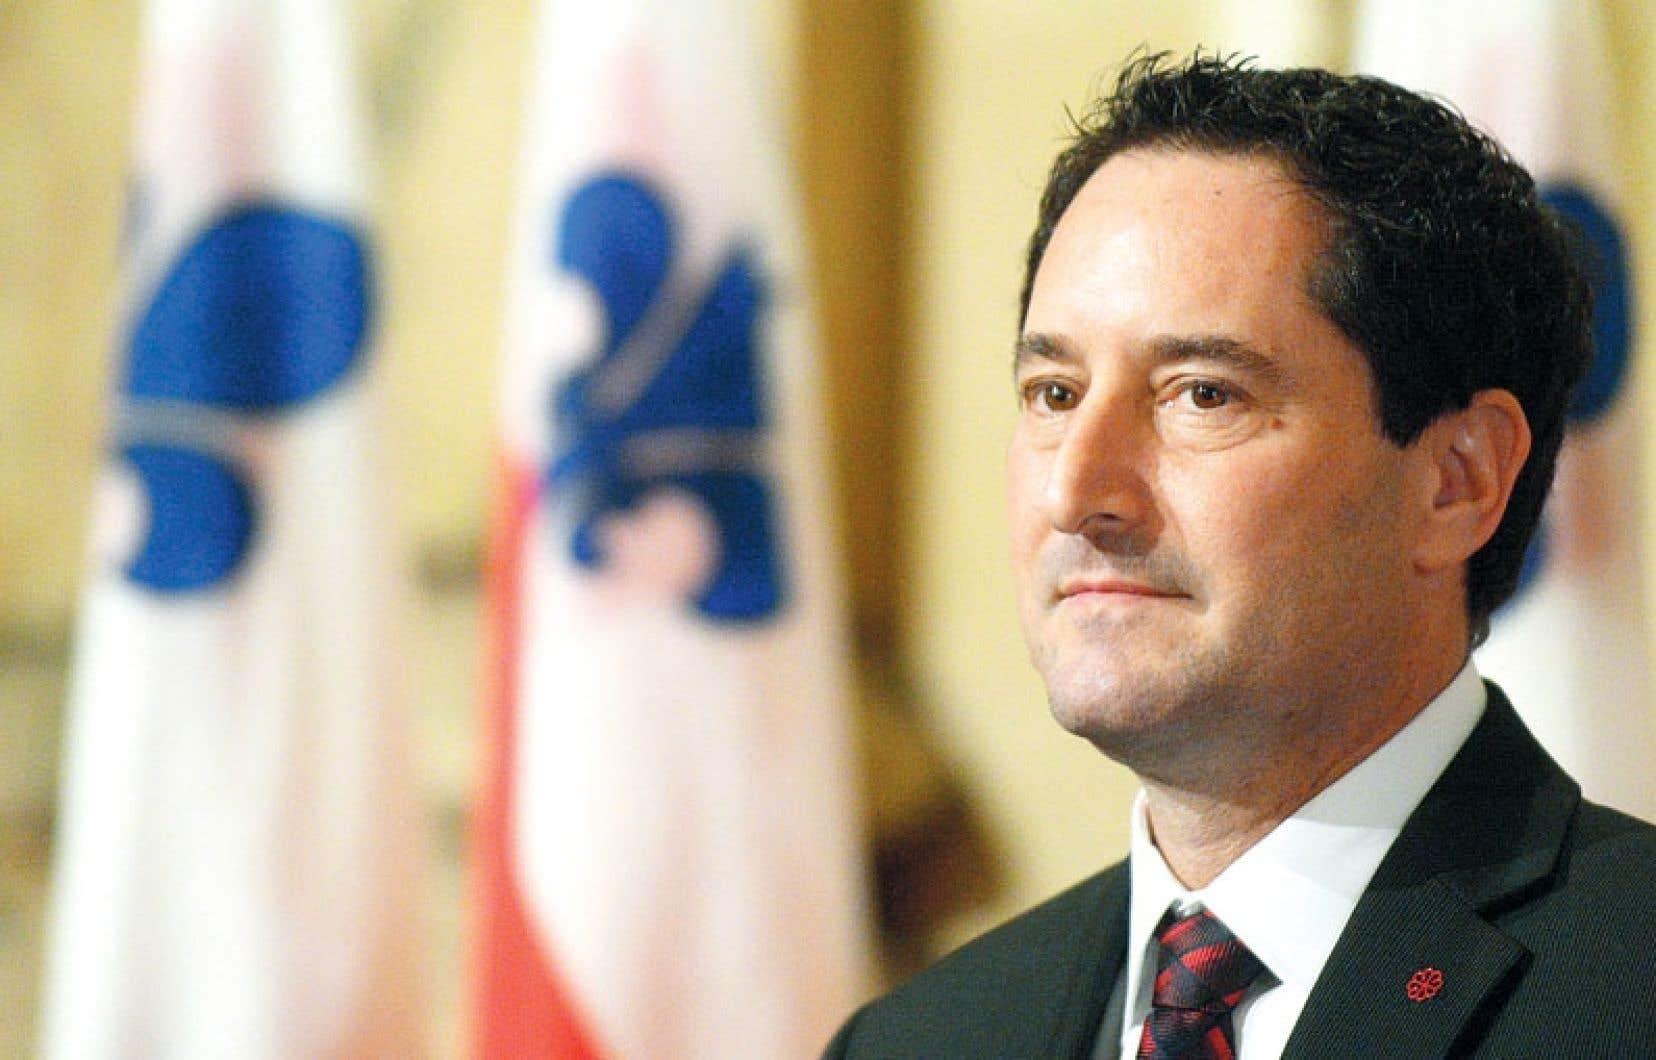 Le maire Applebaum n'a pas voulu s'engager sur la création d'un poste de commissaire à l'éthique, tel que l'a suggéré Vision Montréal. Il préfère attendre la publication du rapport du comité-conseil, en juin, avant d'aller plus loin.